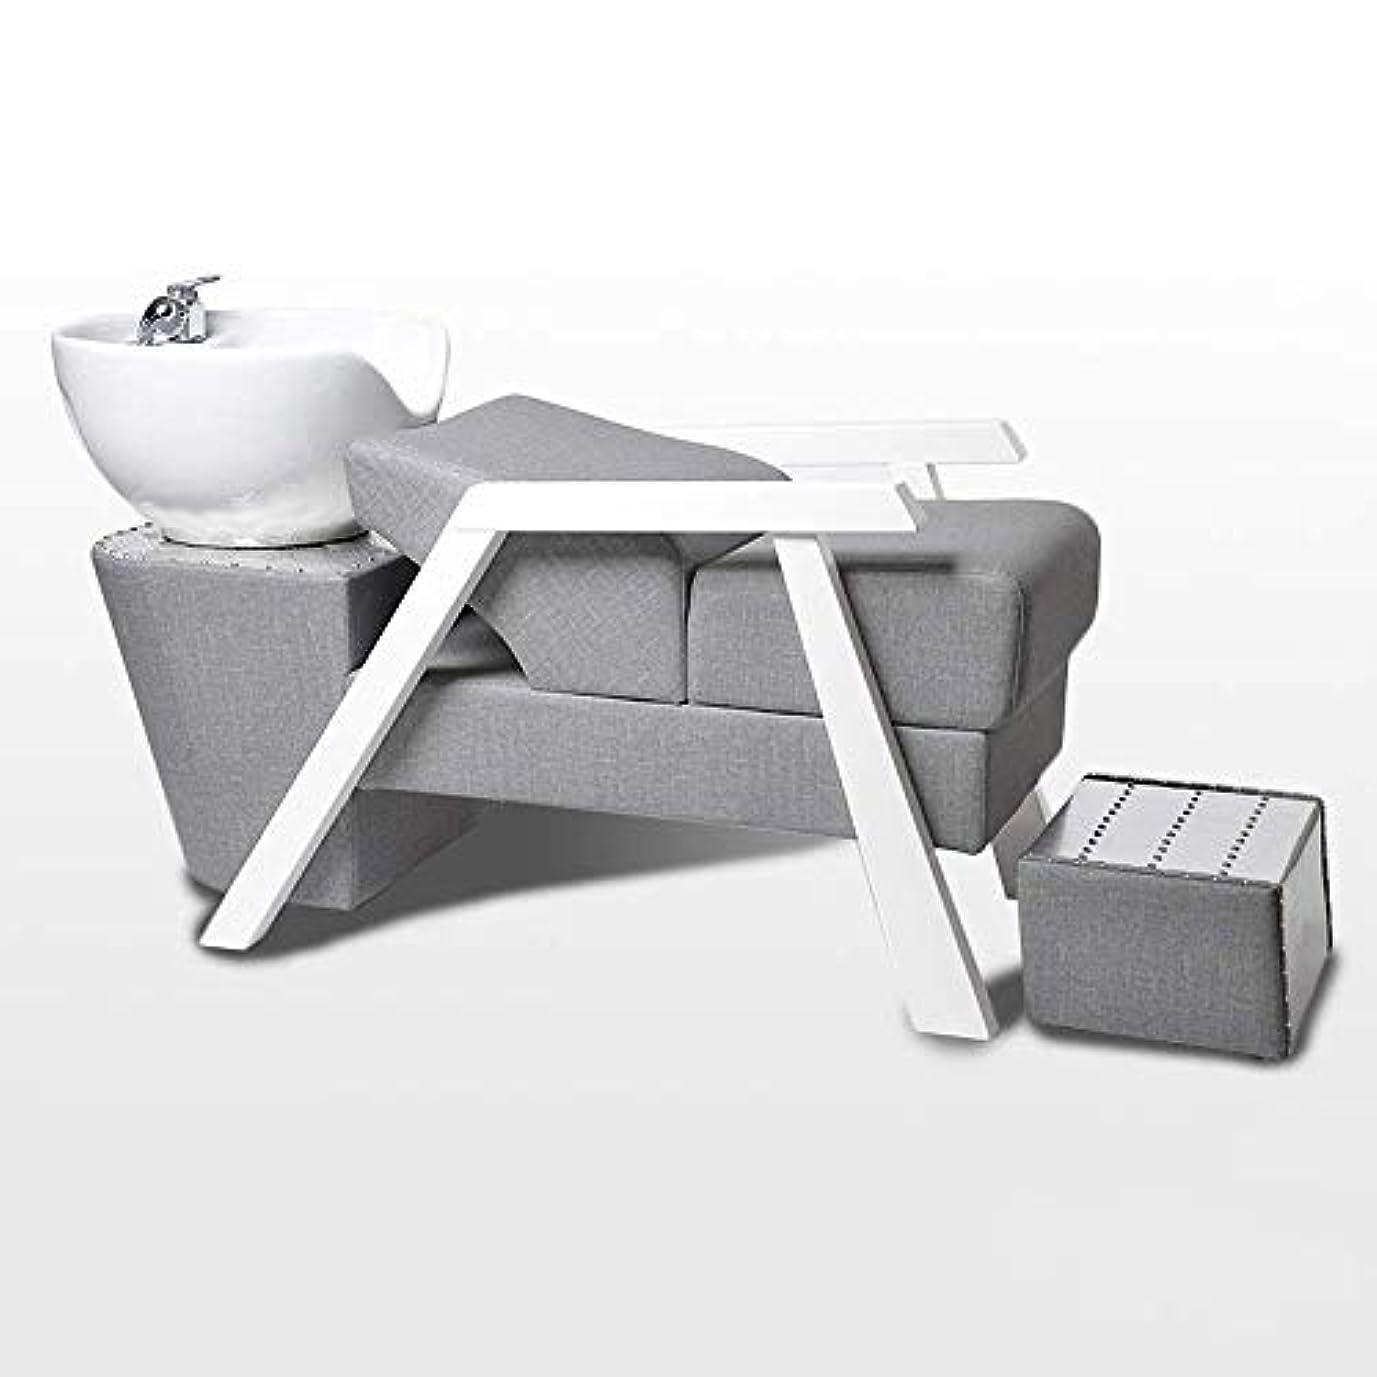 配分倍率伝導シャンプーチェア、鉱泉の美容院装置のための簡単な同じ高さのベッドのシャンプーボールの理髪の流しの椅子